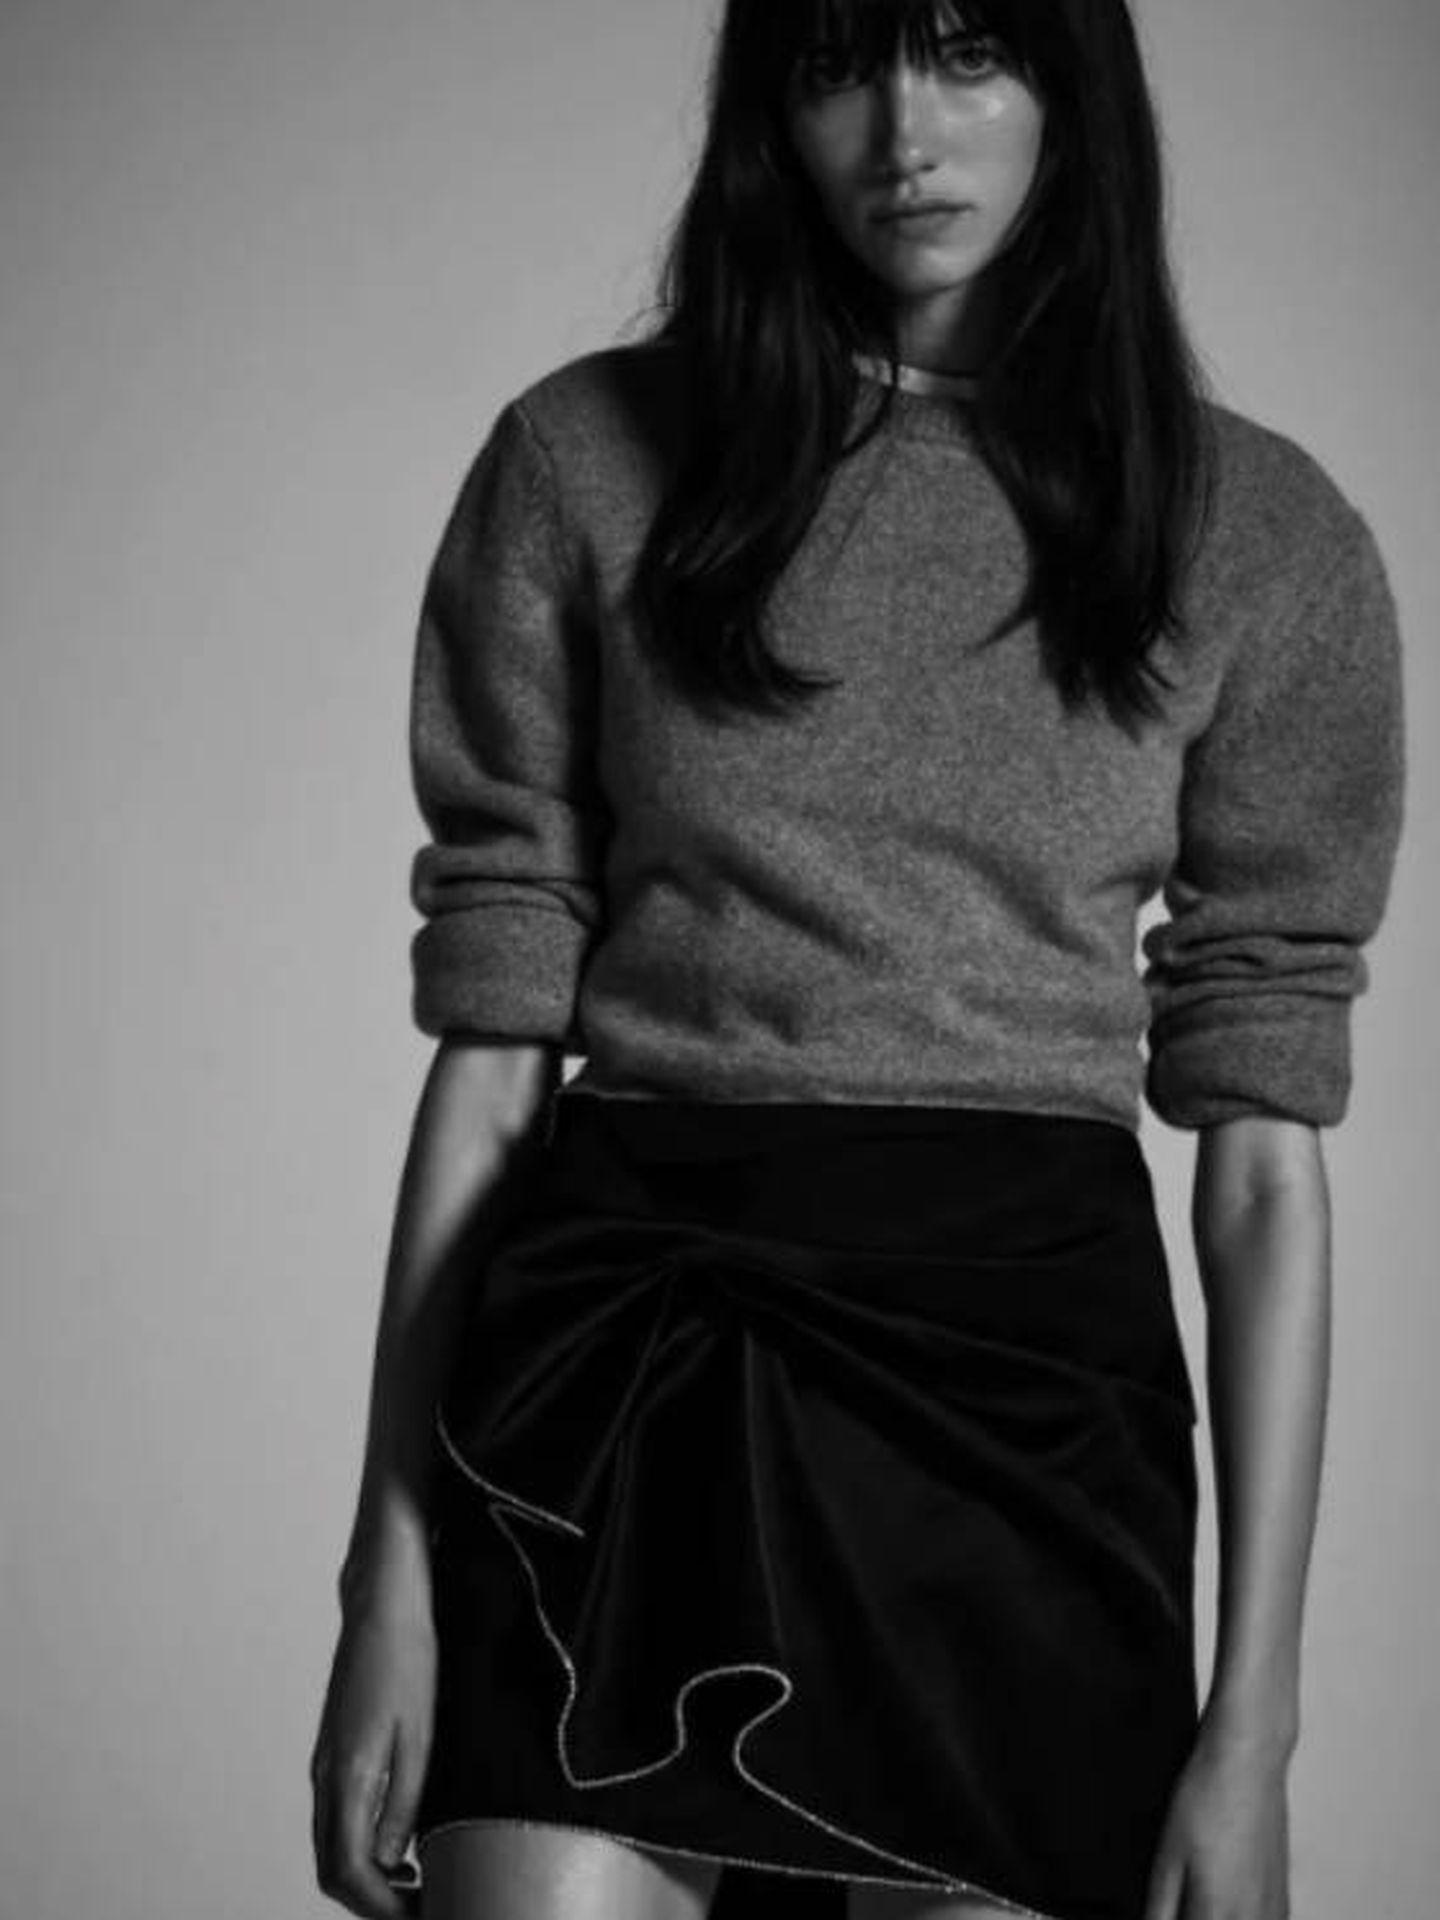 La minifalda de Zara. (Cortesía)